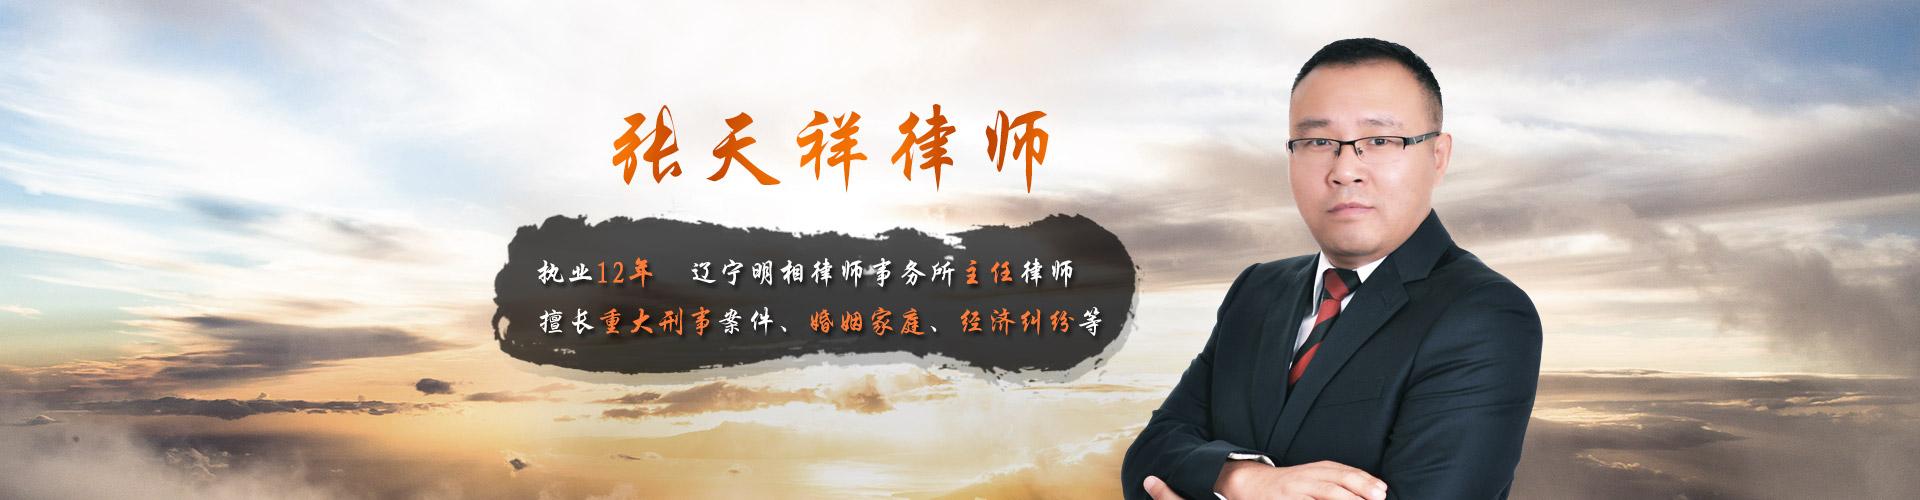 辽宁张天祥律师